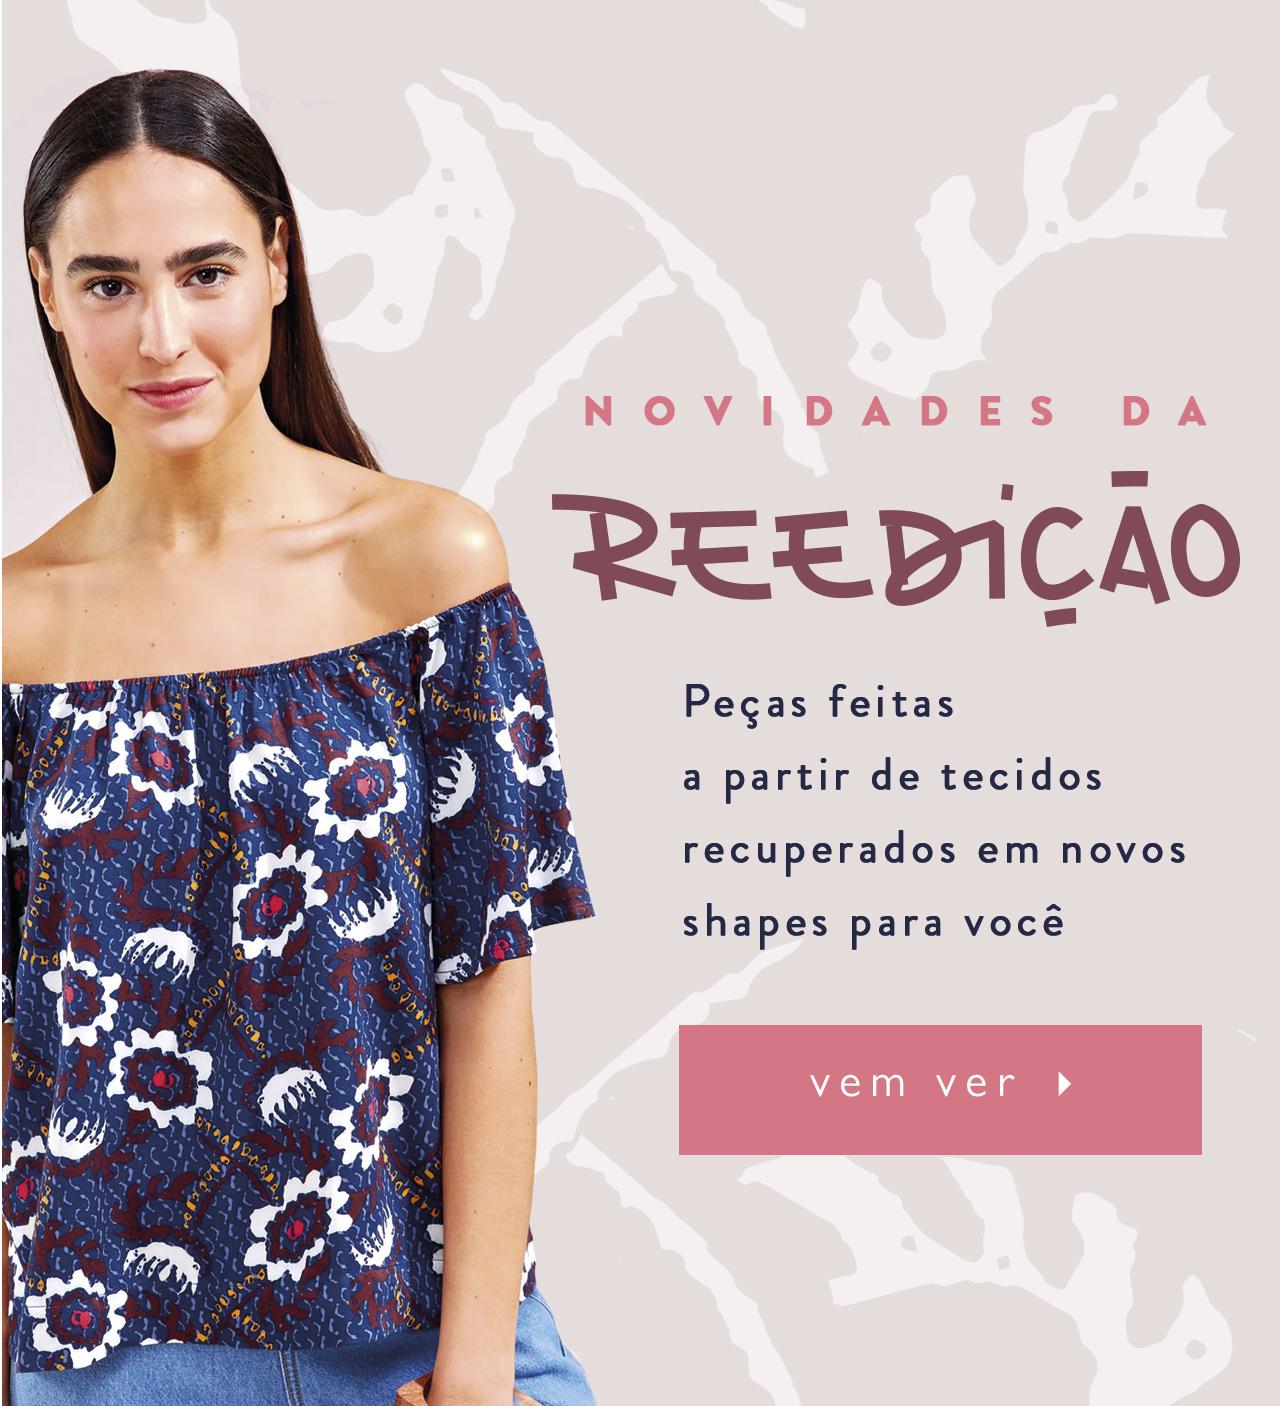 5aeea7c40 Cantão – 20% off em blusas e t-shirts da coleção Afeto